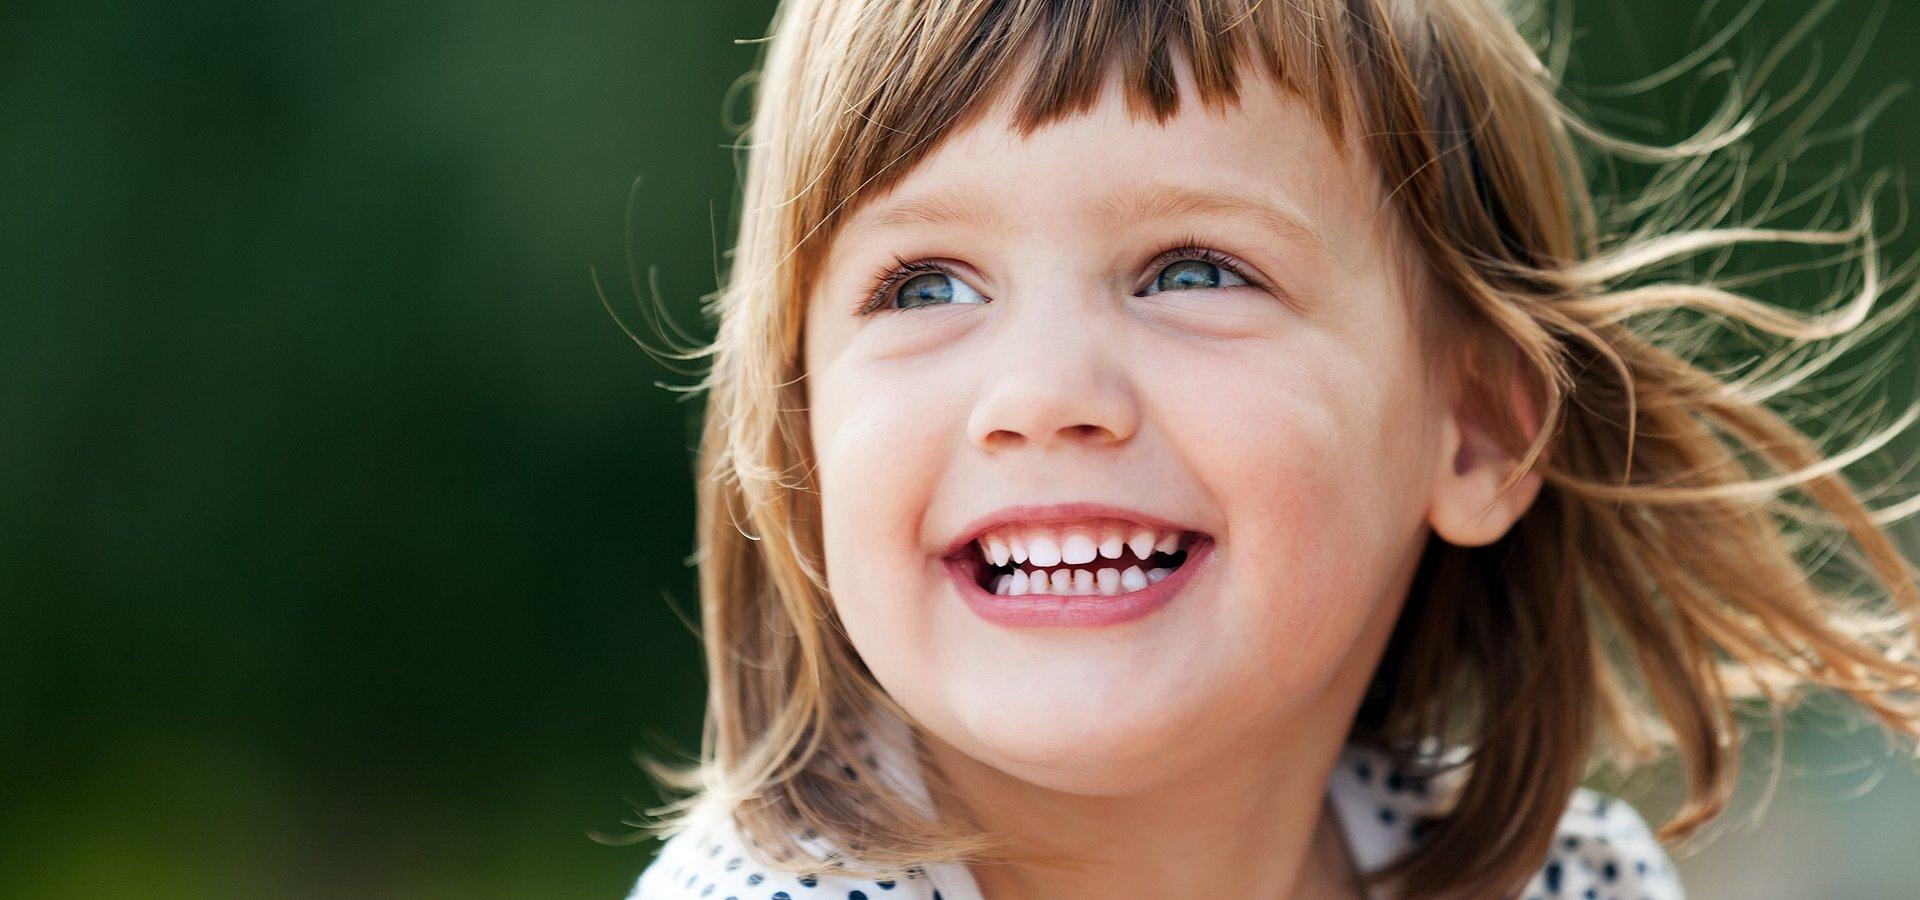 Jak pomóc dziecku po traumie?